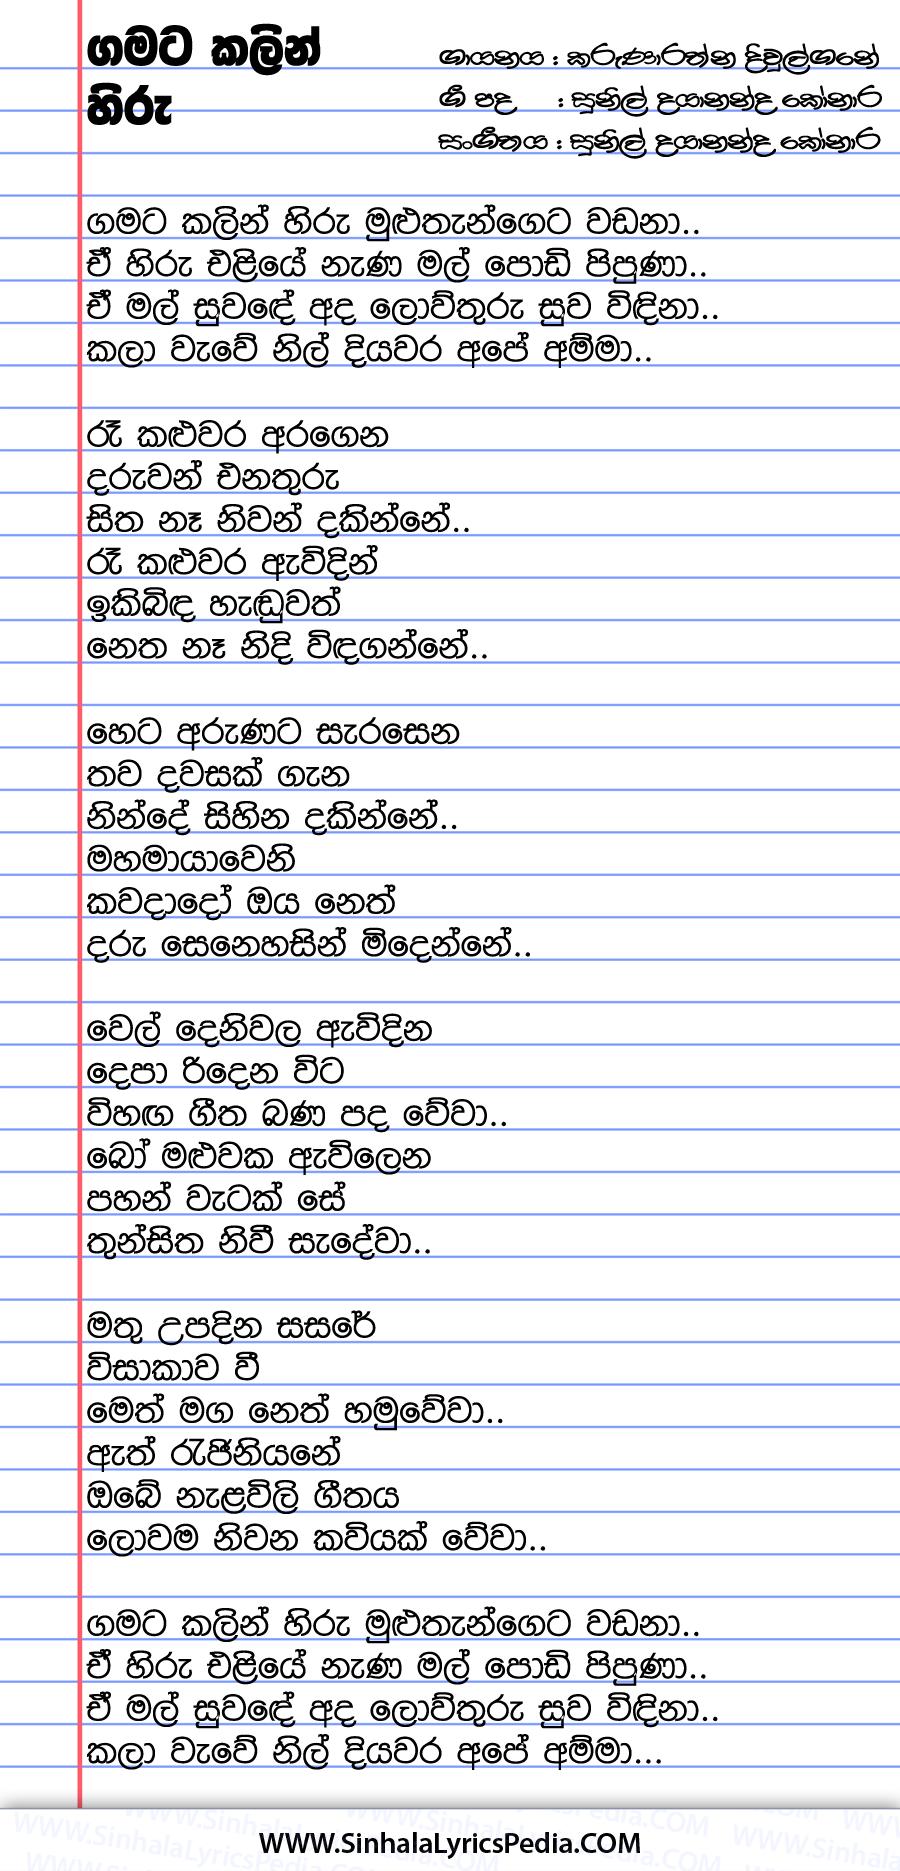 Gamata Kalin Hiru Muluthan Geta Wadina Song Lyrics